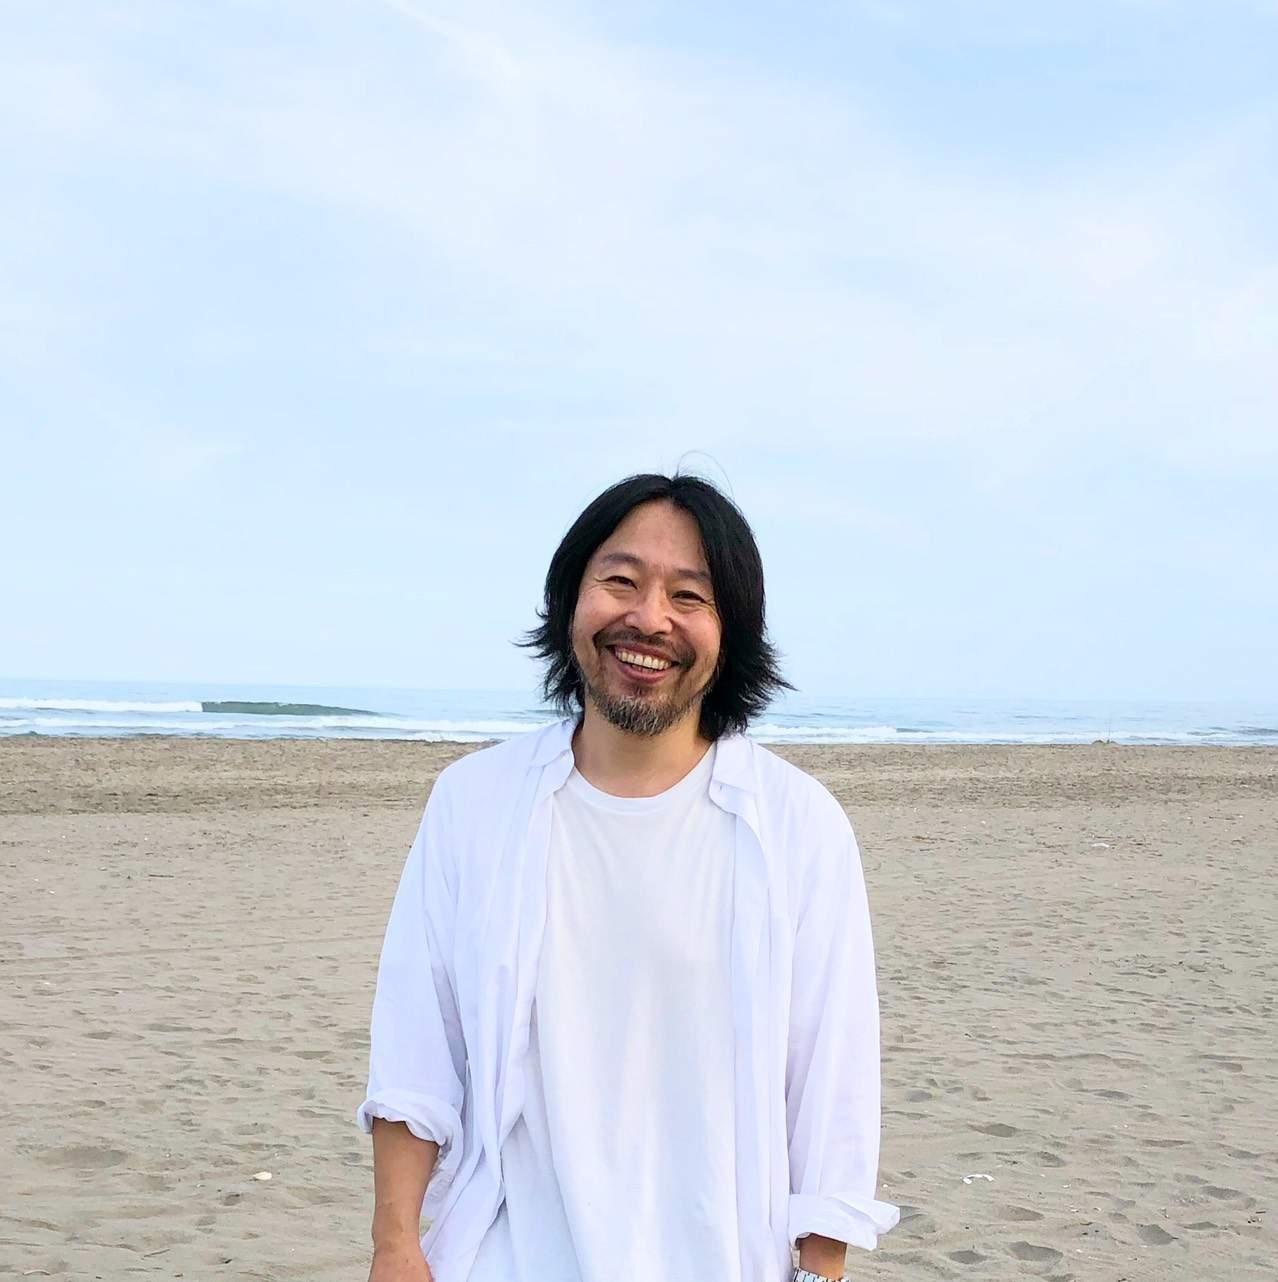 曽我部恵一ニューシングル『永久ミント機関』リリース決定。8月14日(金)より配信スタート!